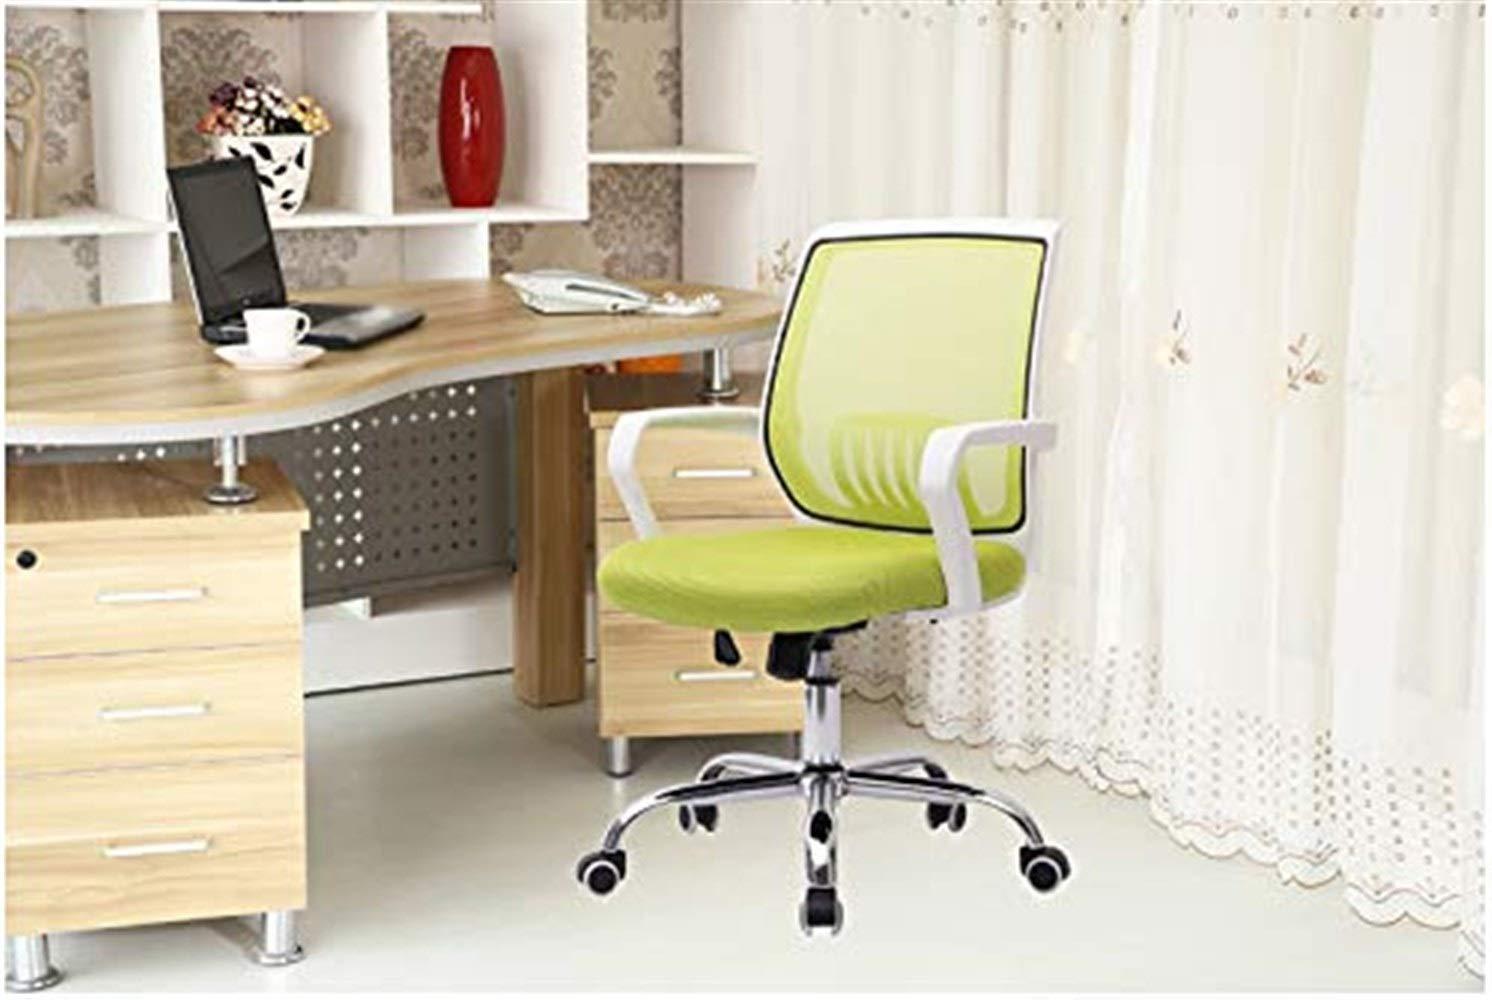 Kontorsstol personalstol mottagningsstol svängbar stol hushåll datorstol lärande stol GMING (färg: Lila) BLÅ